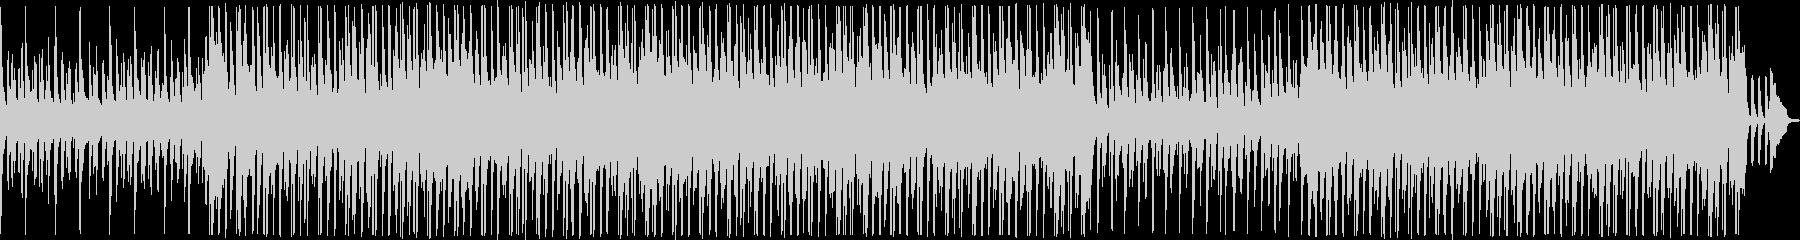 【メロディ抜き】口笛の軽快なアコーステ…の未再生の波形